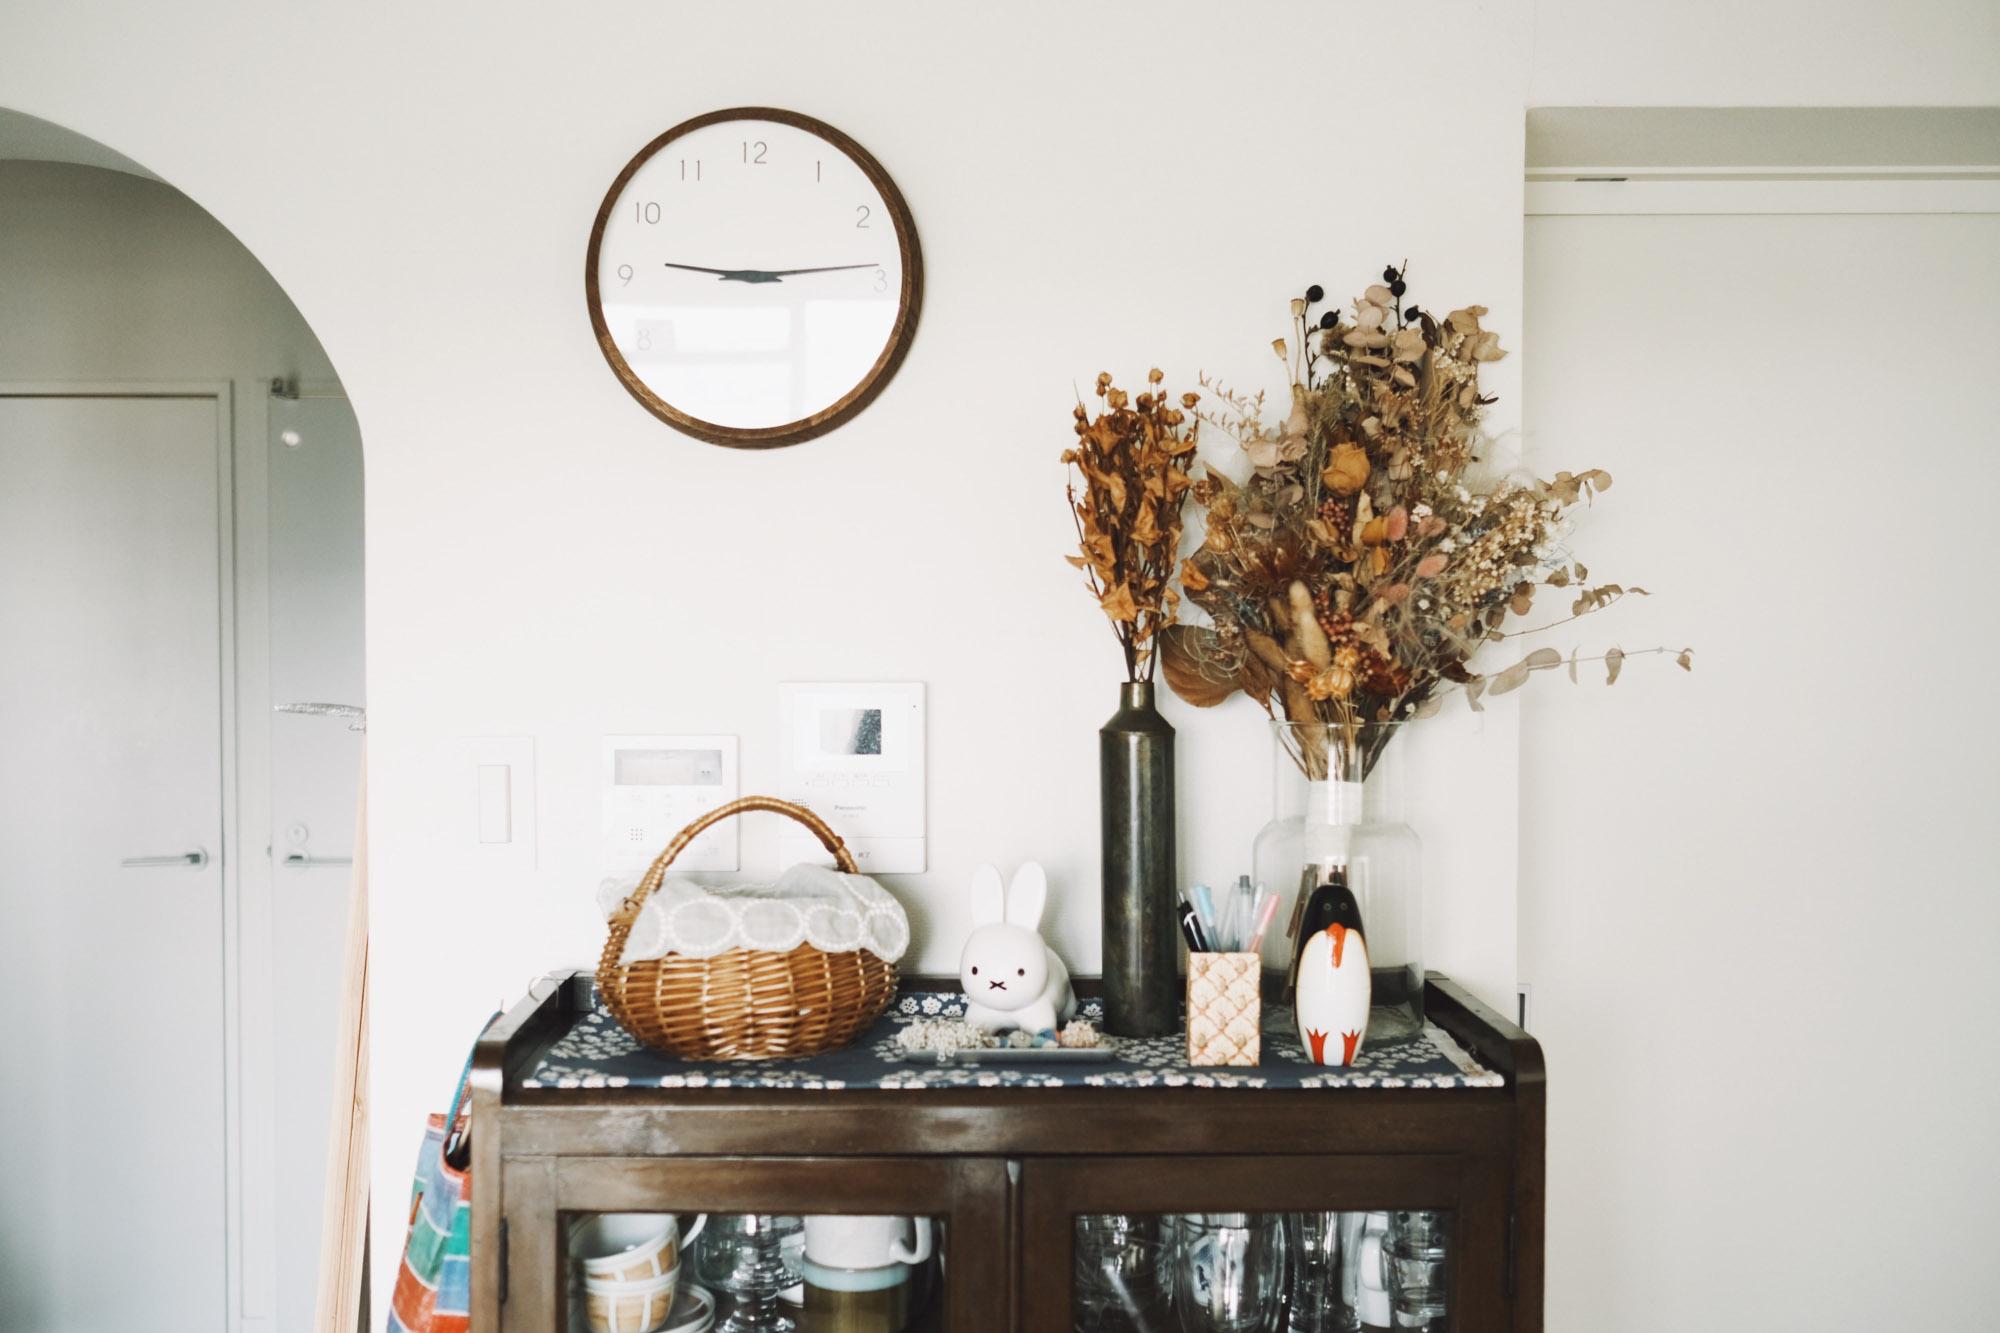 木製の食器棚の上に、カゴ素材やドライフラワーで質感を統一した事例。ボリュームのあるお花で高低差を出しています。かわいらしいキャラクター雑貨や結婚式で使用したお花など。とにかく自分の好きなものを置くことも大切!(このお部屋をもっと見る)